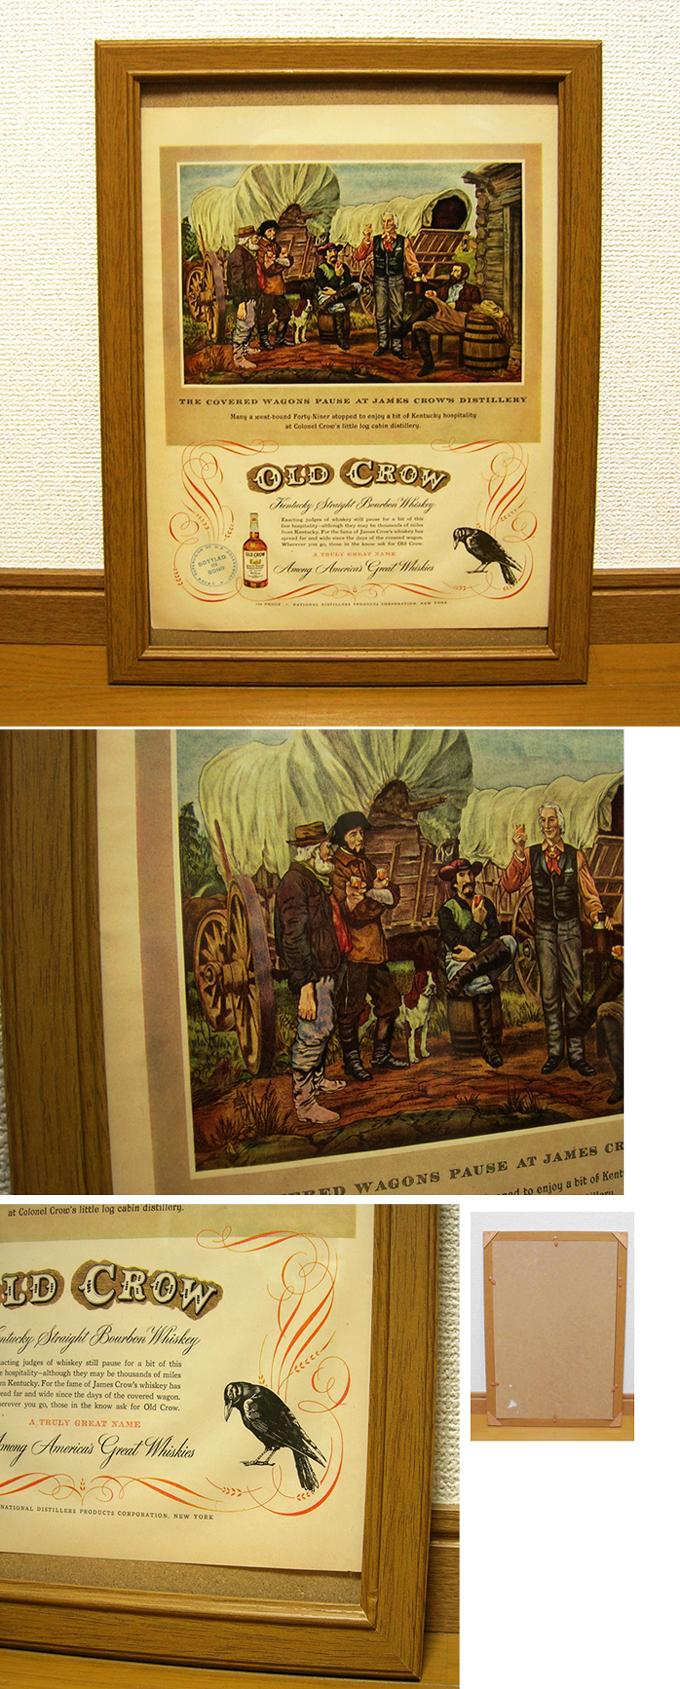 ac0243LIFE誌広告ポスターフレーム*amber designビンテージ北欧中古家具アンティーク雑貨通販アンバーデザイン